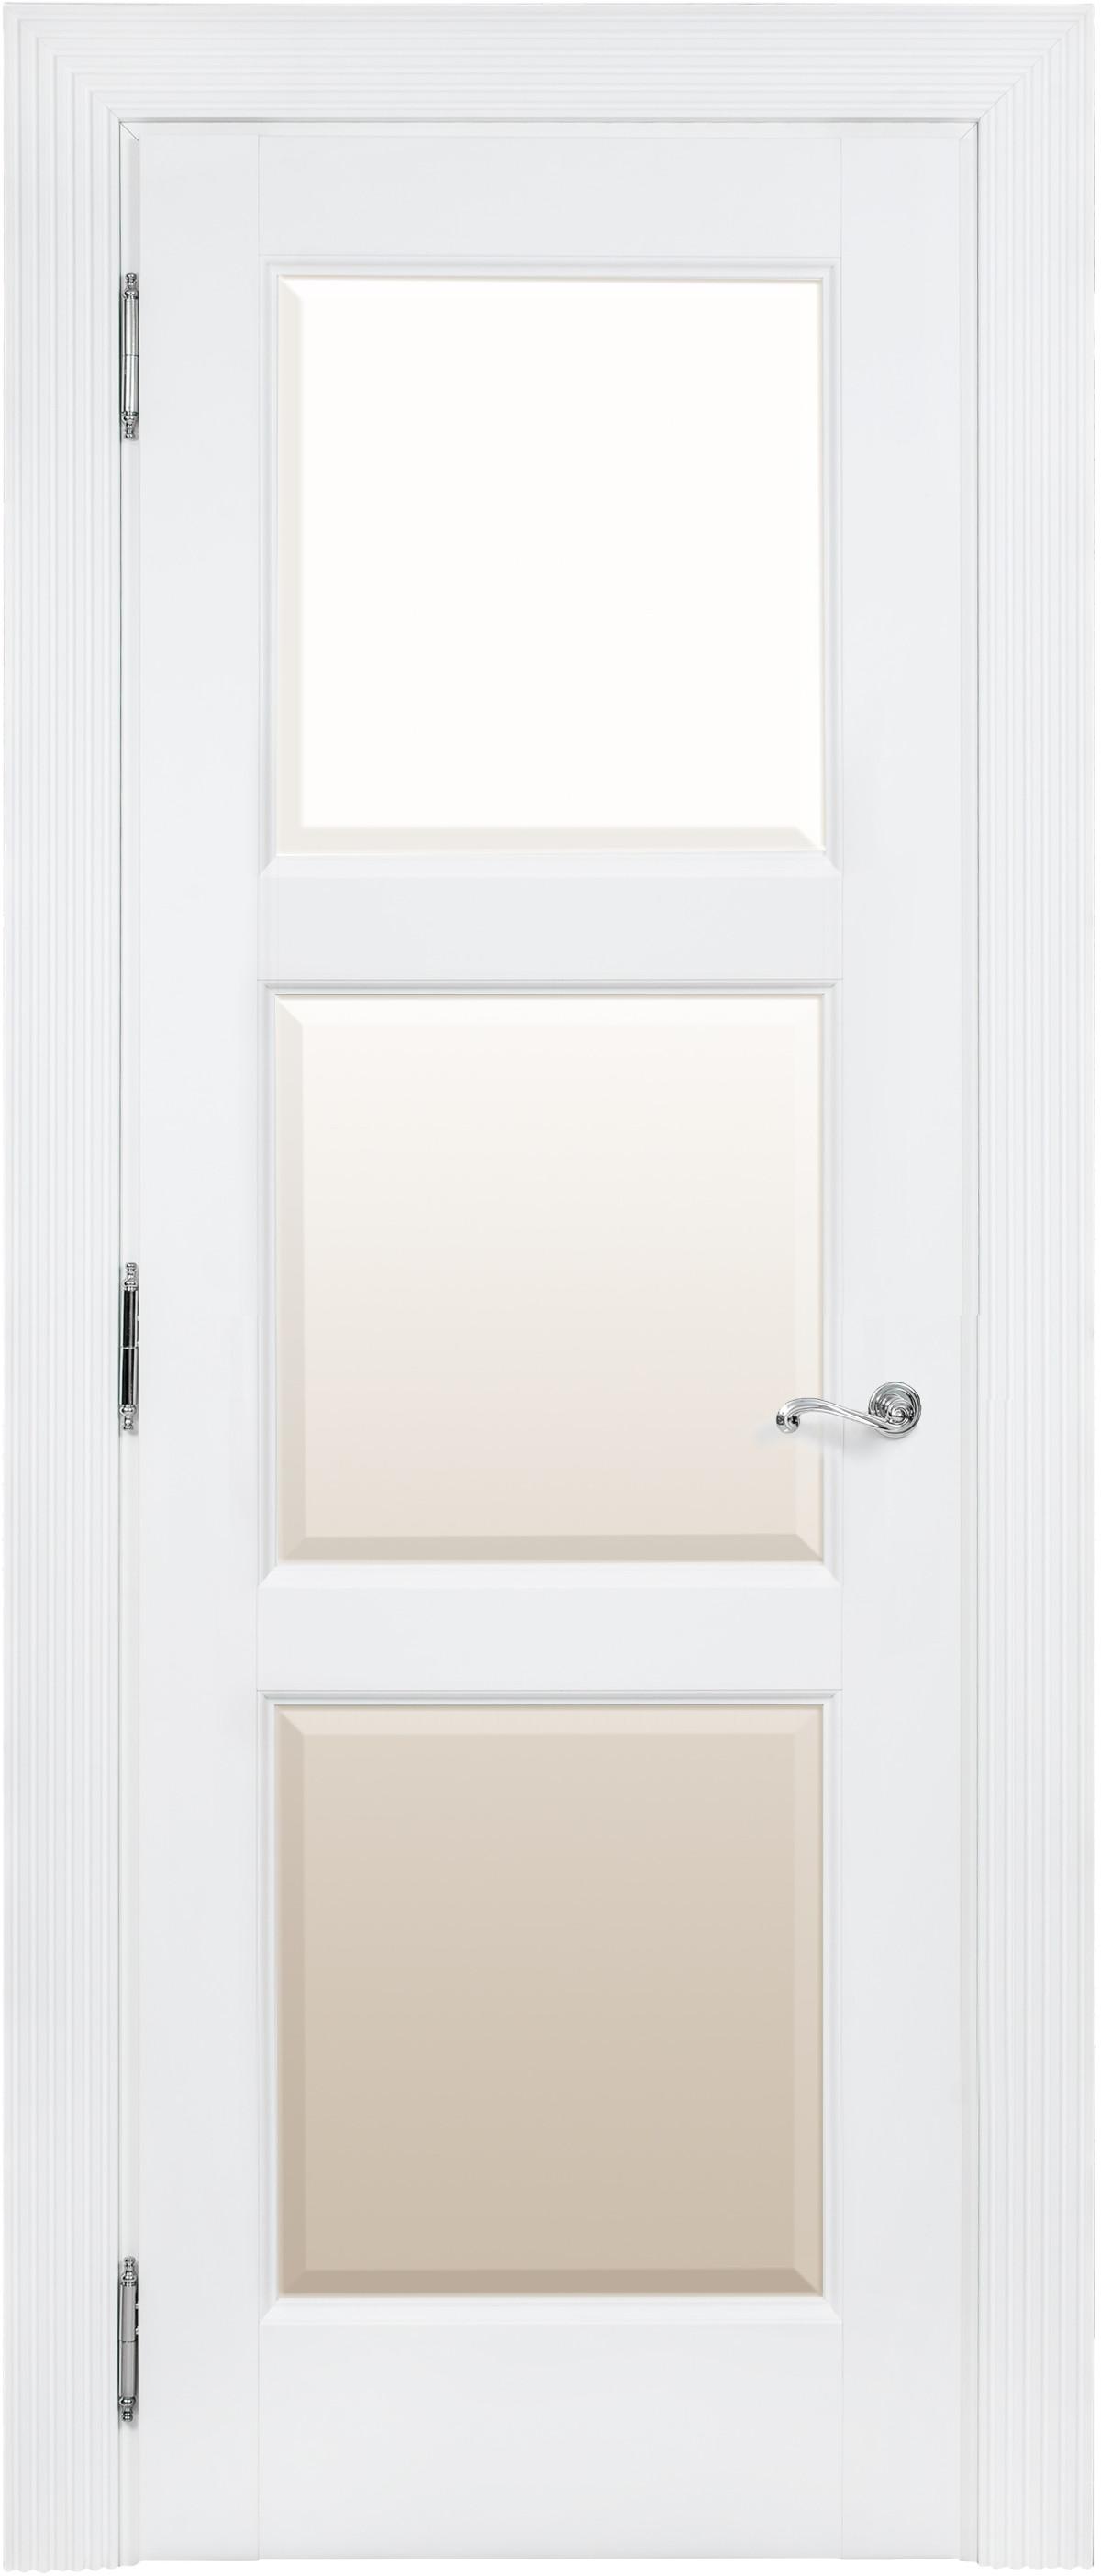 Дверь белая межкомнатная со стеклом Academia 3S